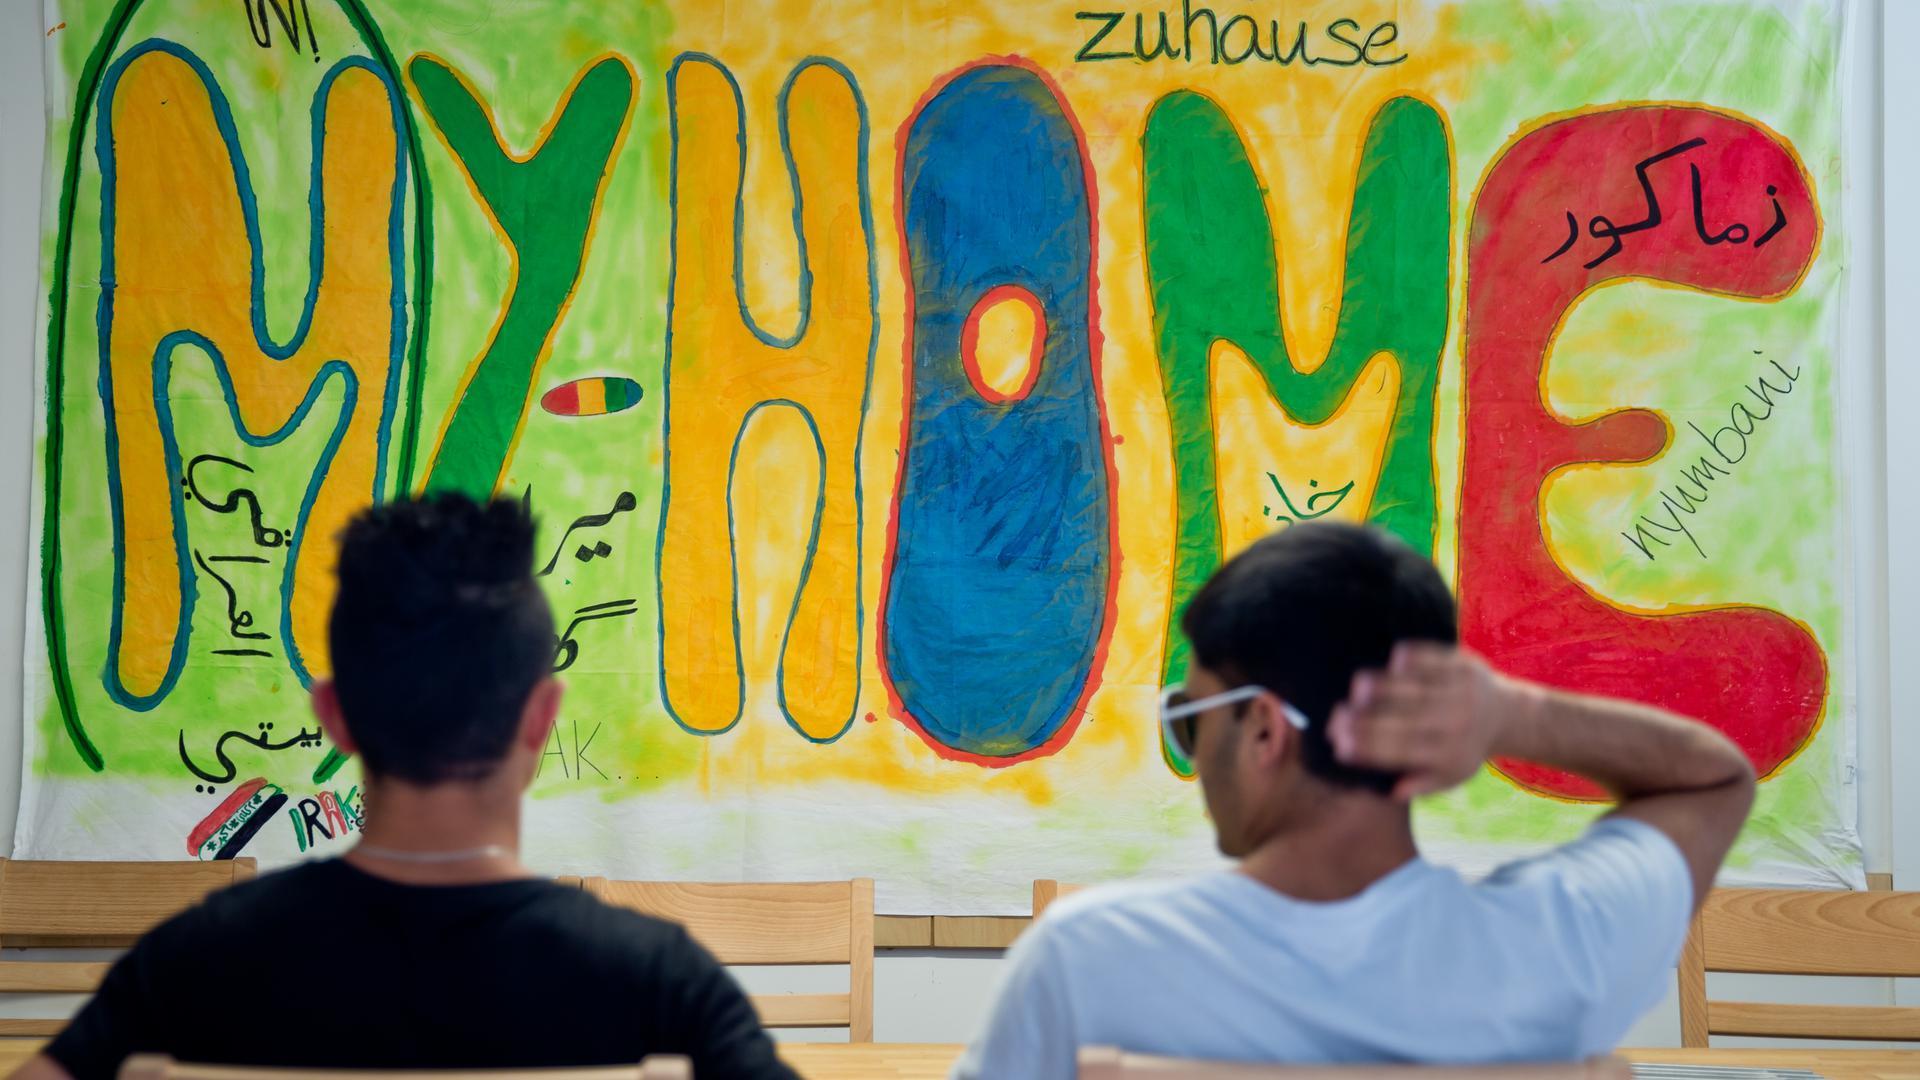 Gute Fortschritte bei der Integration: Seit der Flüchtlingskrise 2015 haben Städte und Gemeinden in der Region vielen Geflüchteten dabei geholfen, ein neues Leben in Deutschland anzufangen.